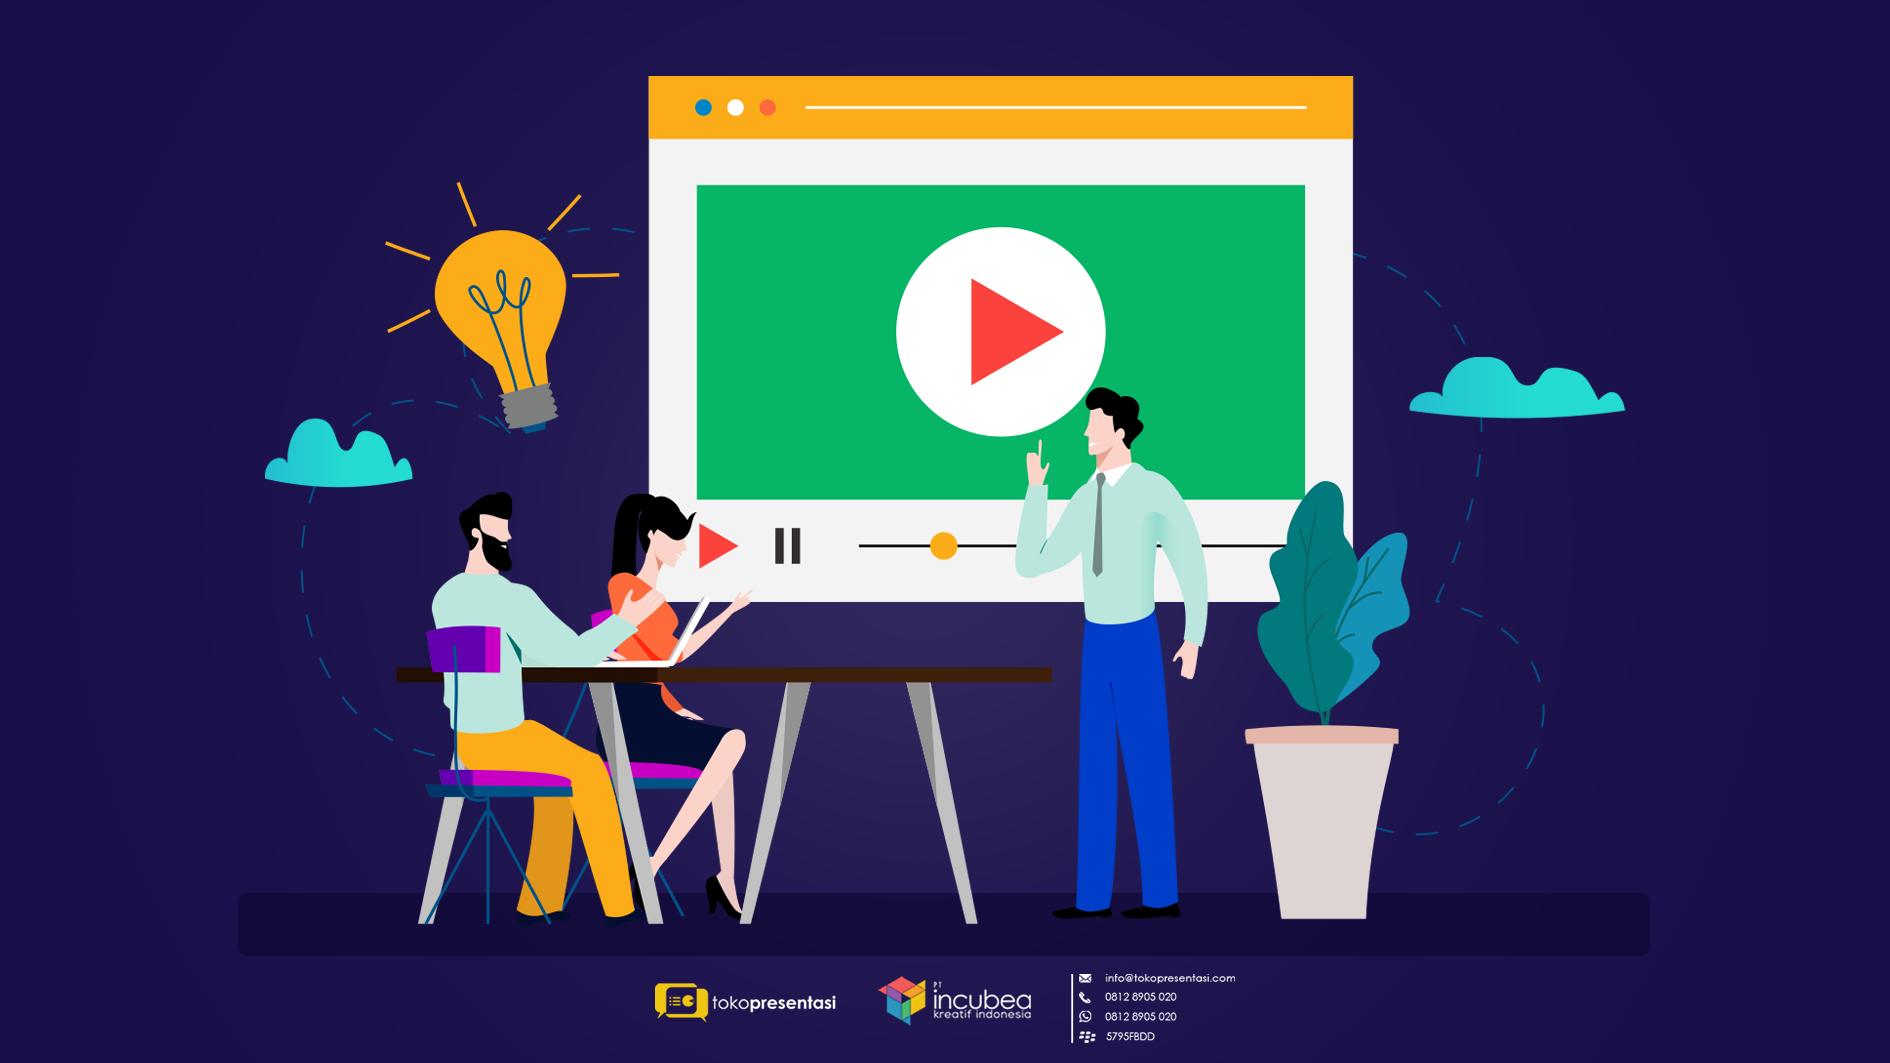 Jasa Pembuatan Desain Infografis Kementerian Komunikasi dan Informatika - Tokopresentasi